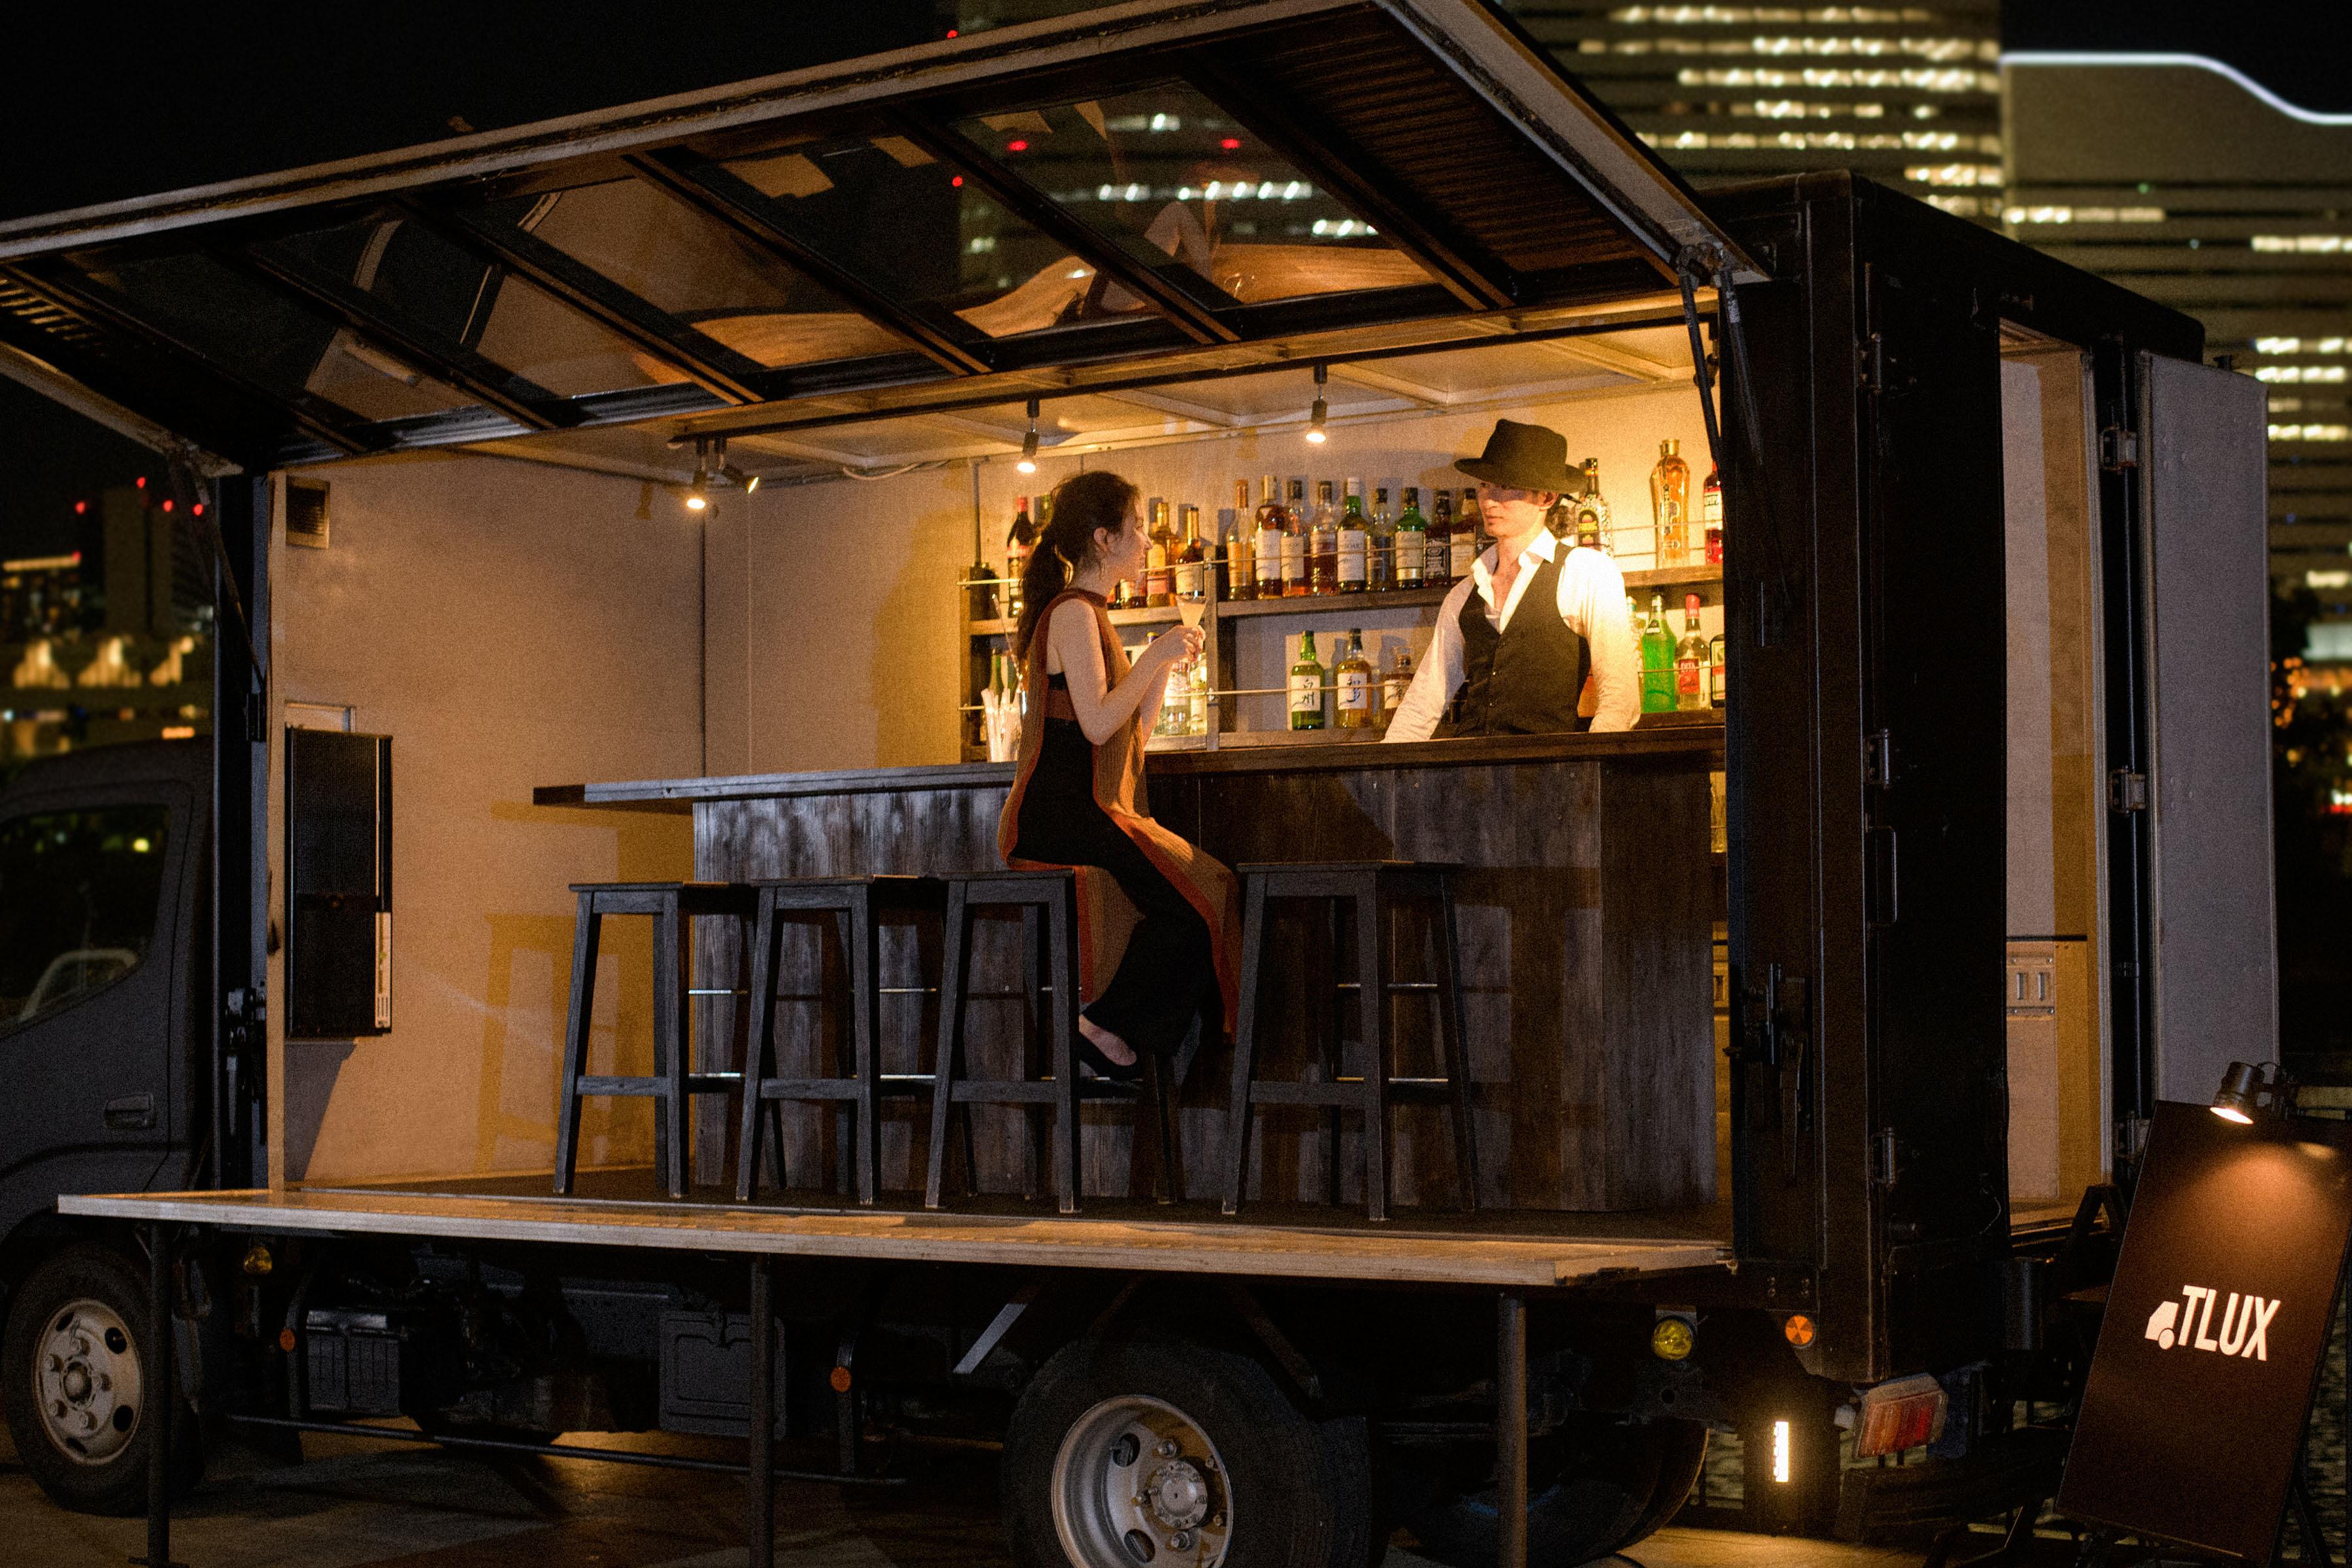 日本初の移動型バー!カウンターと客席がある「BAR TRUCK MEDIA TLUX」が運行開始